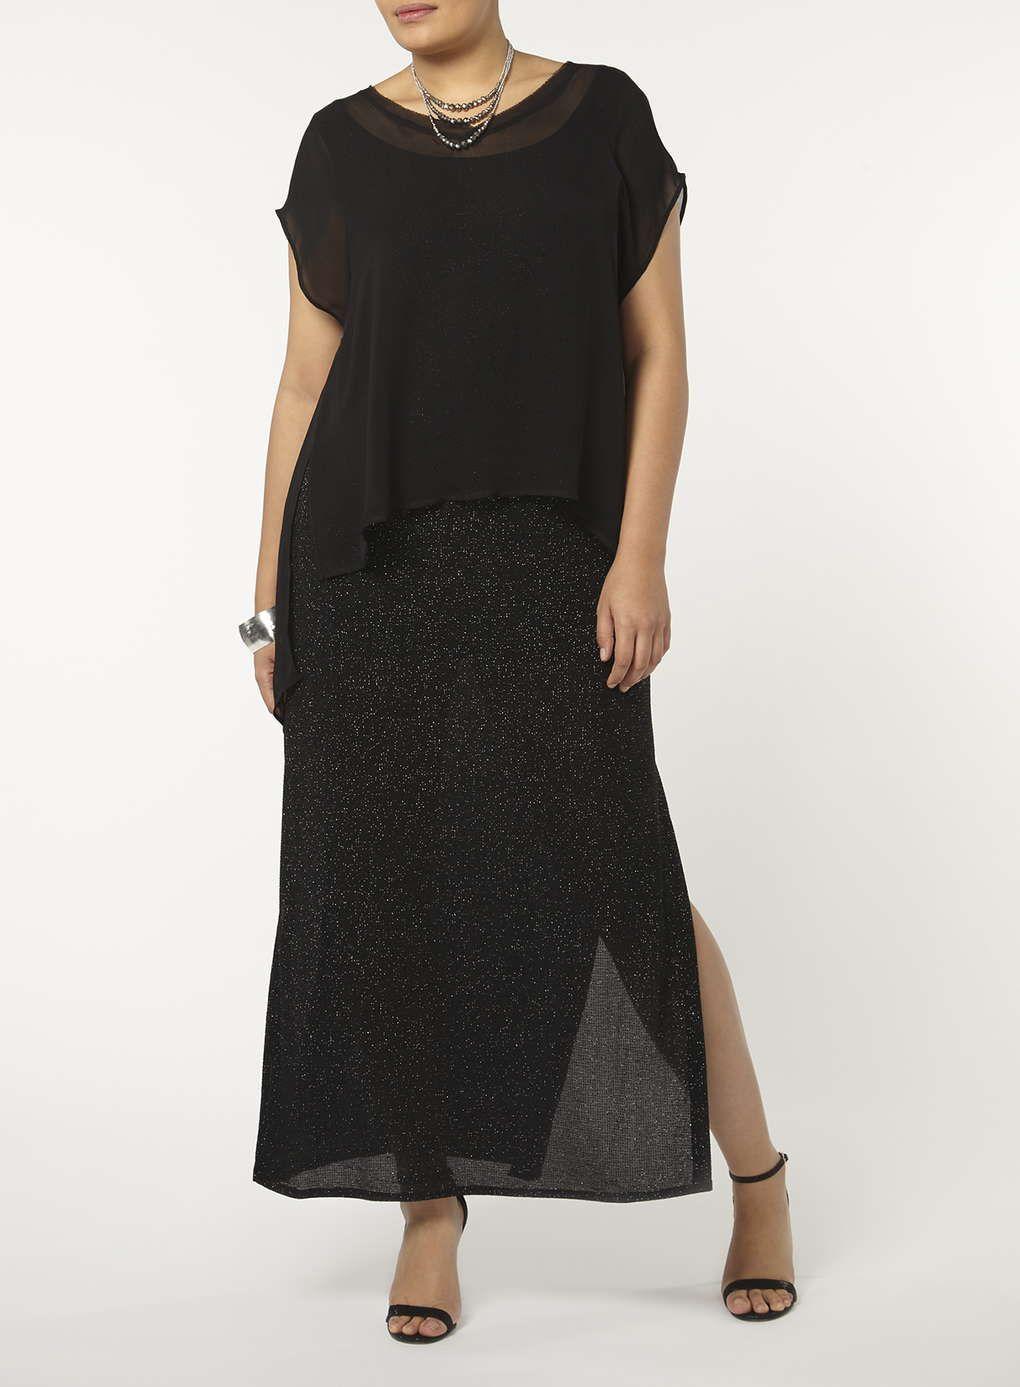 Buyuk Beden Uzun Abiye Elbise Modelleri Gece Elbiseleri Plus Size Dresses 6 Plus Size Dresses Elbise Modelleri Elbise